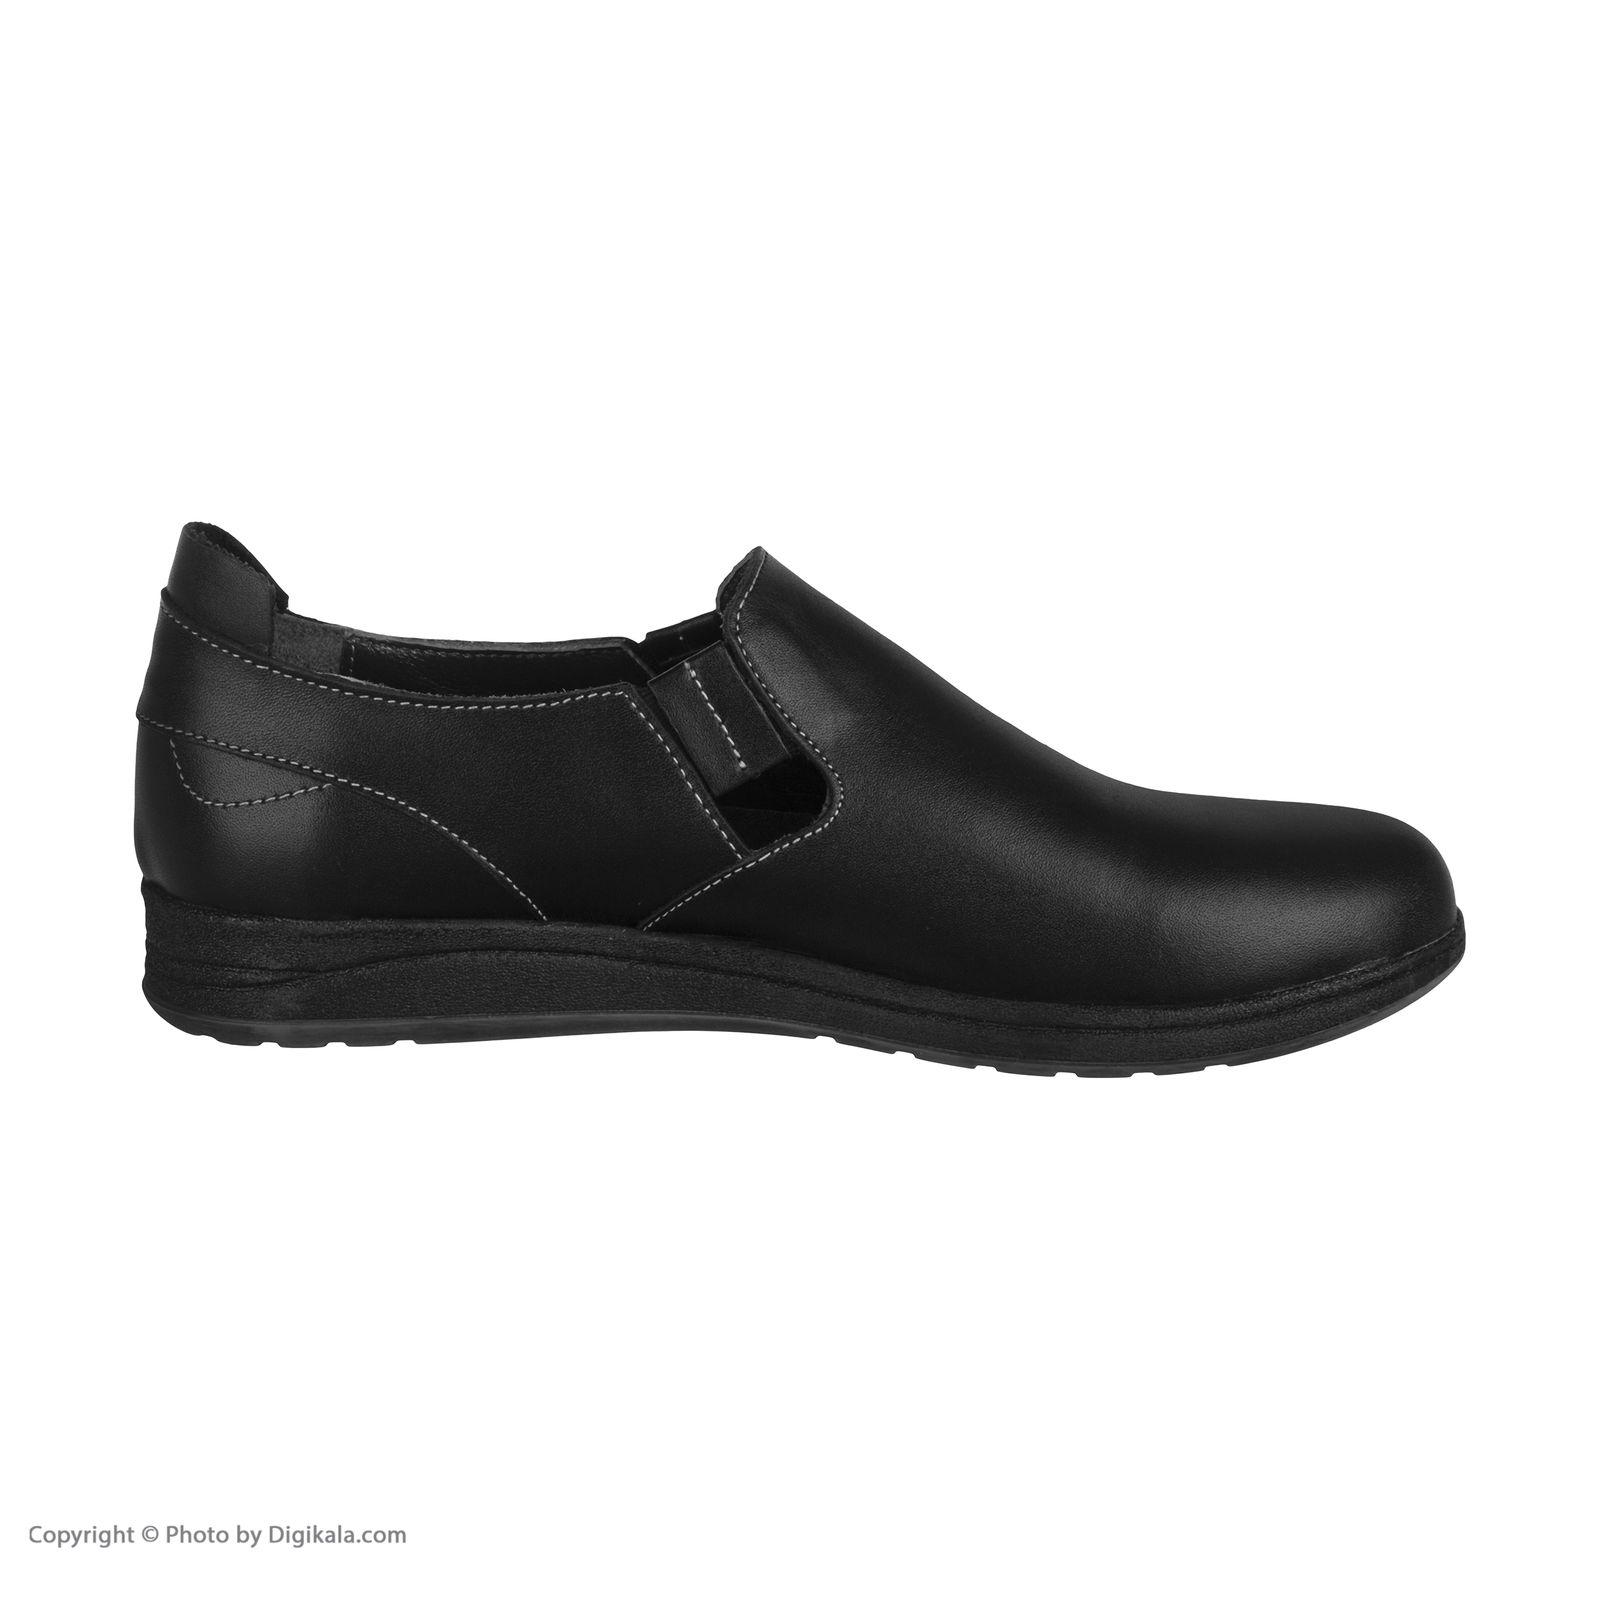 کفش روزمره زنانه سوته مدل 2958C500101 -  - 7